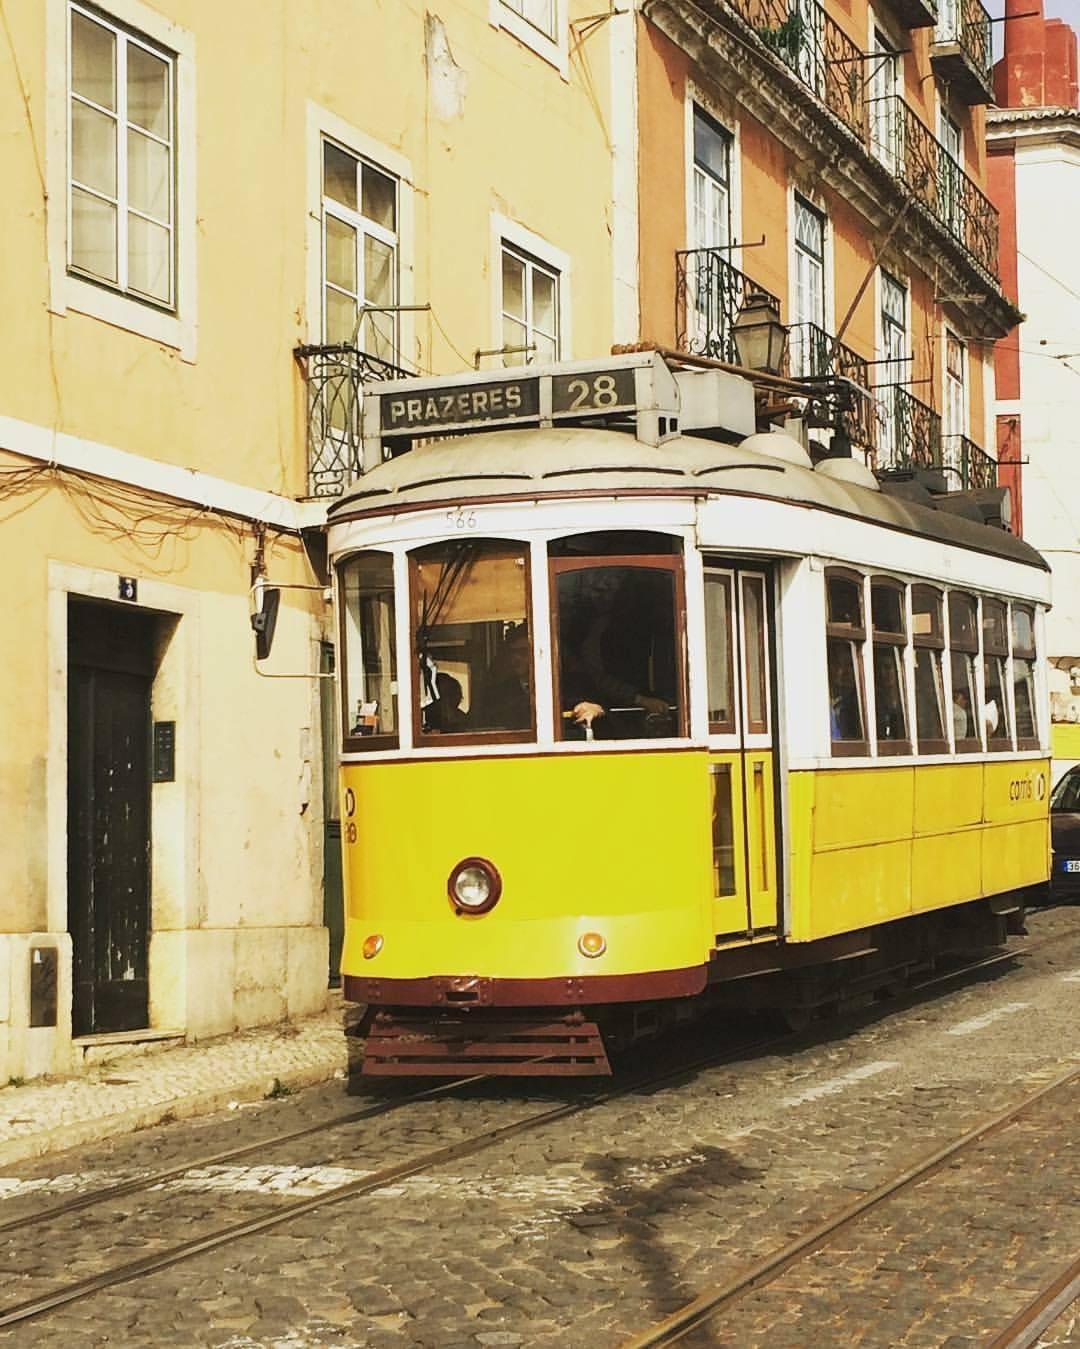 Photo 1: Visite hors des sentiers battus de Lisbonne